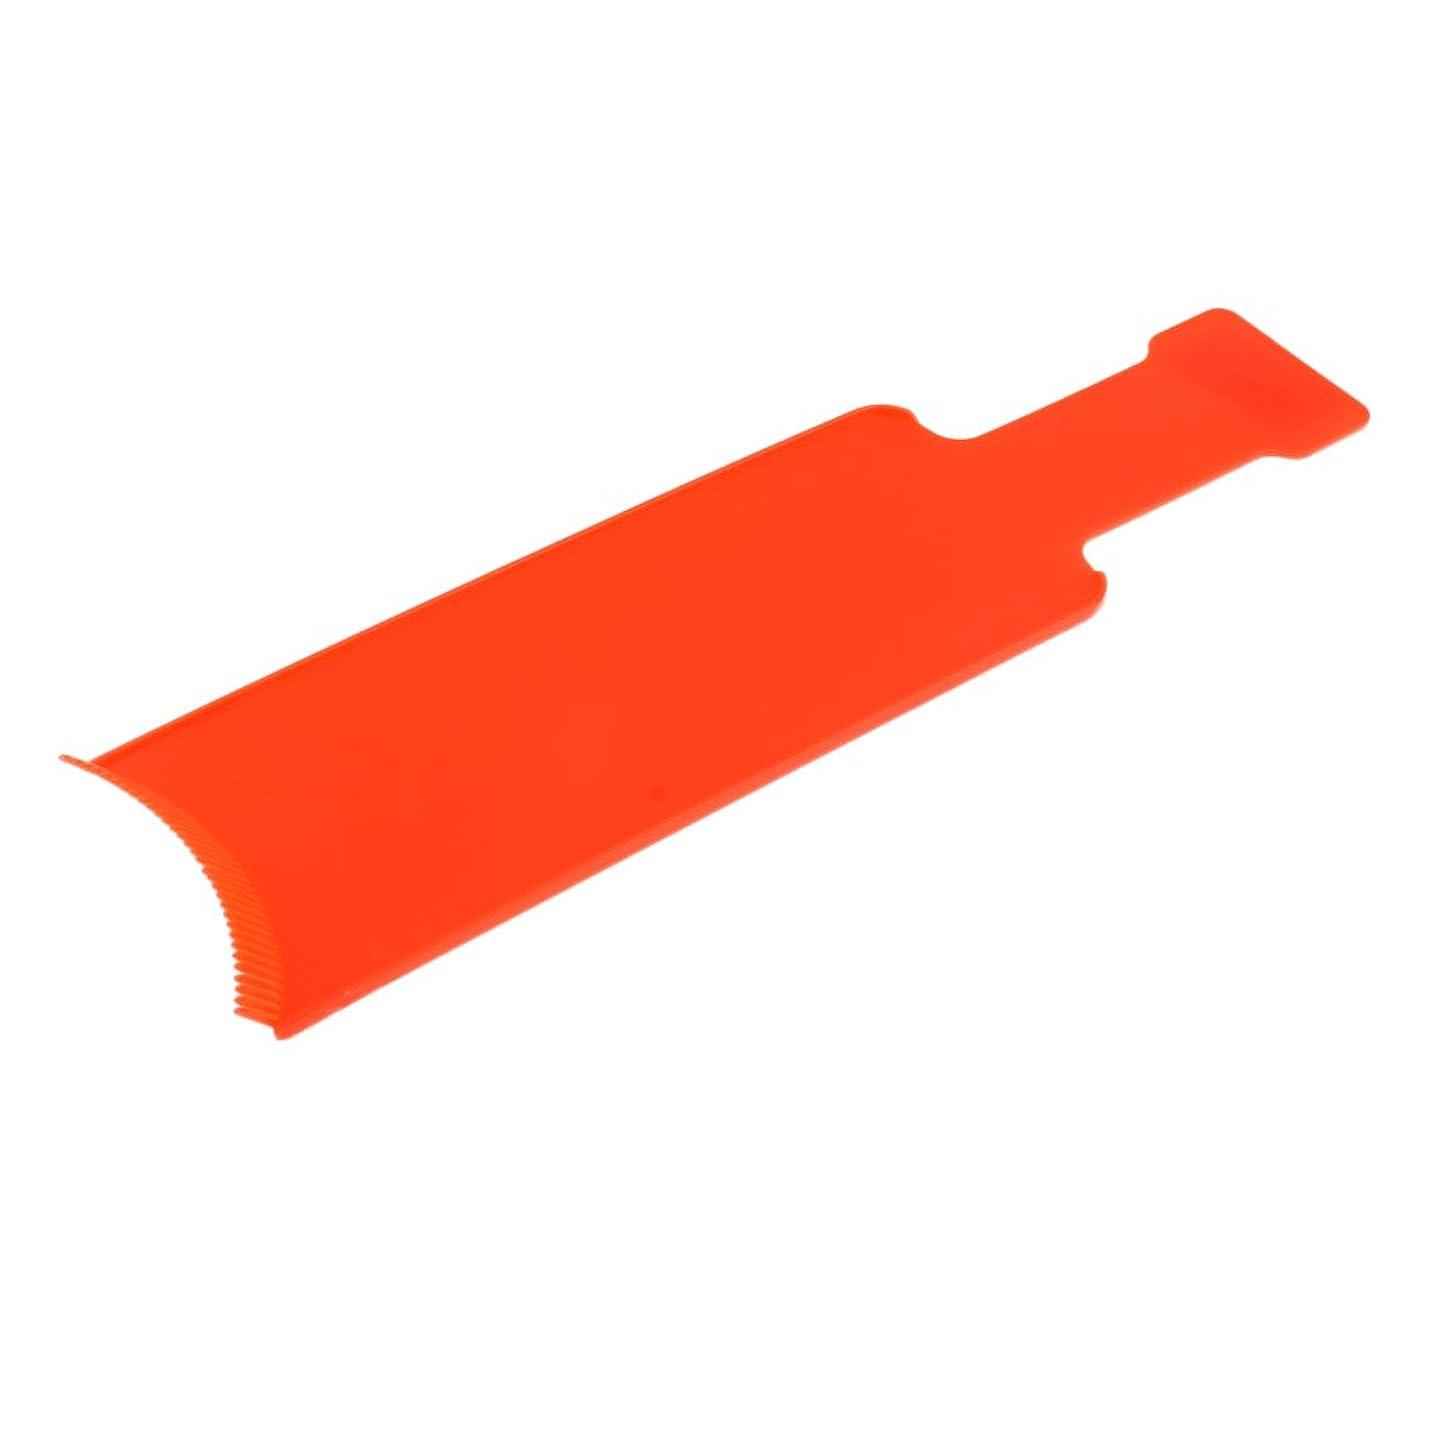 突撃故意に熱帯のPerfk 染色櫛プレート 染めボード ヘアカラー 櫛 着色ボード ヘアブラシ セルフヘルプ プロ 家庭用 2サイズ2色選べる - L, オレンジ